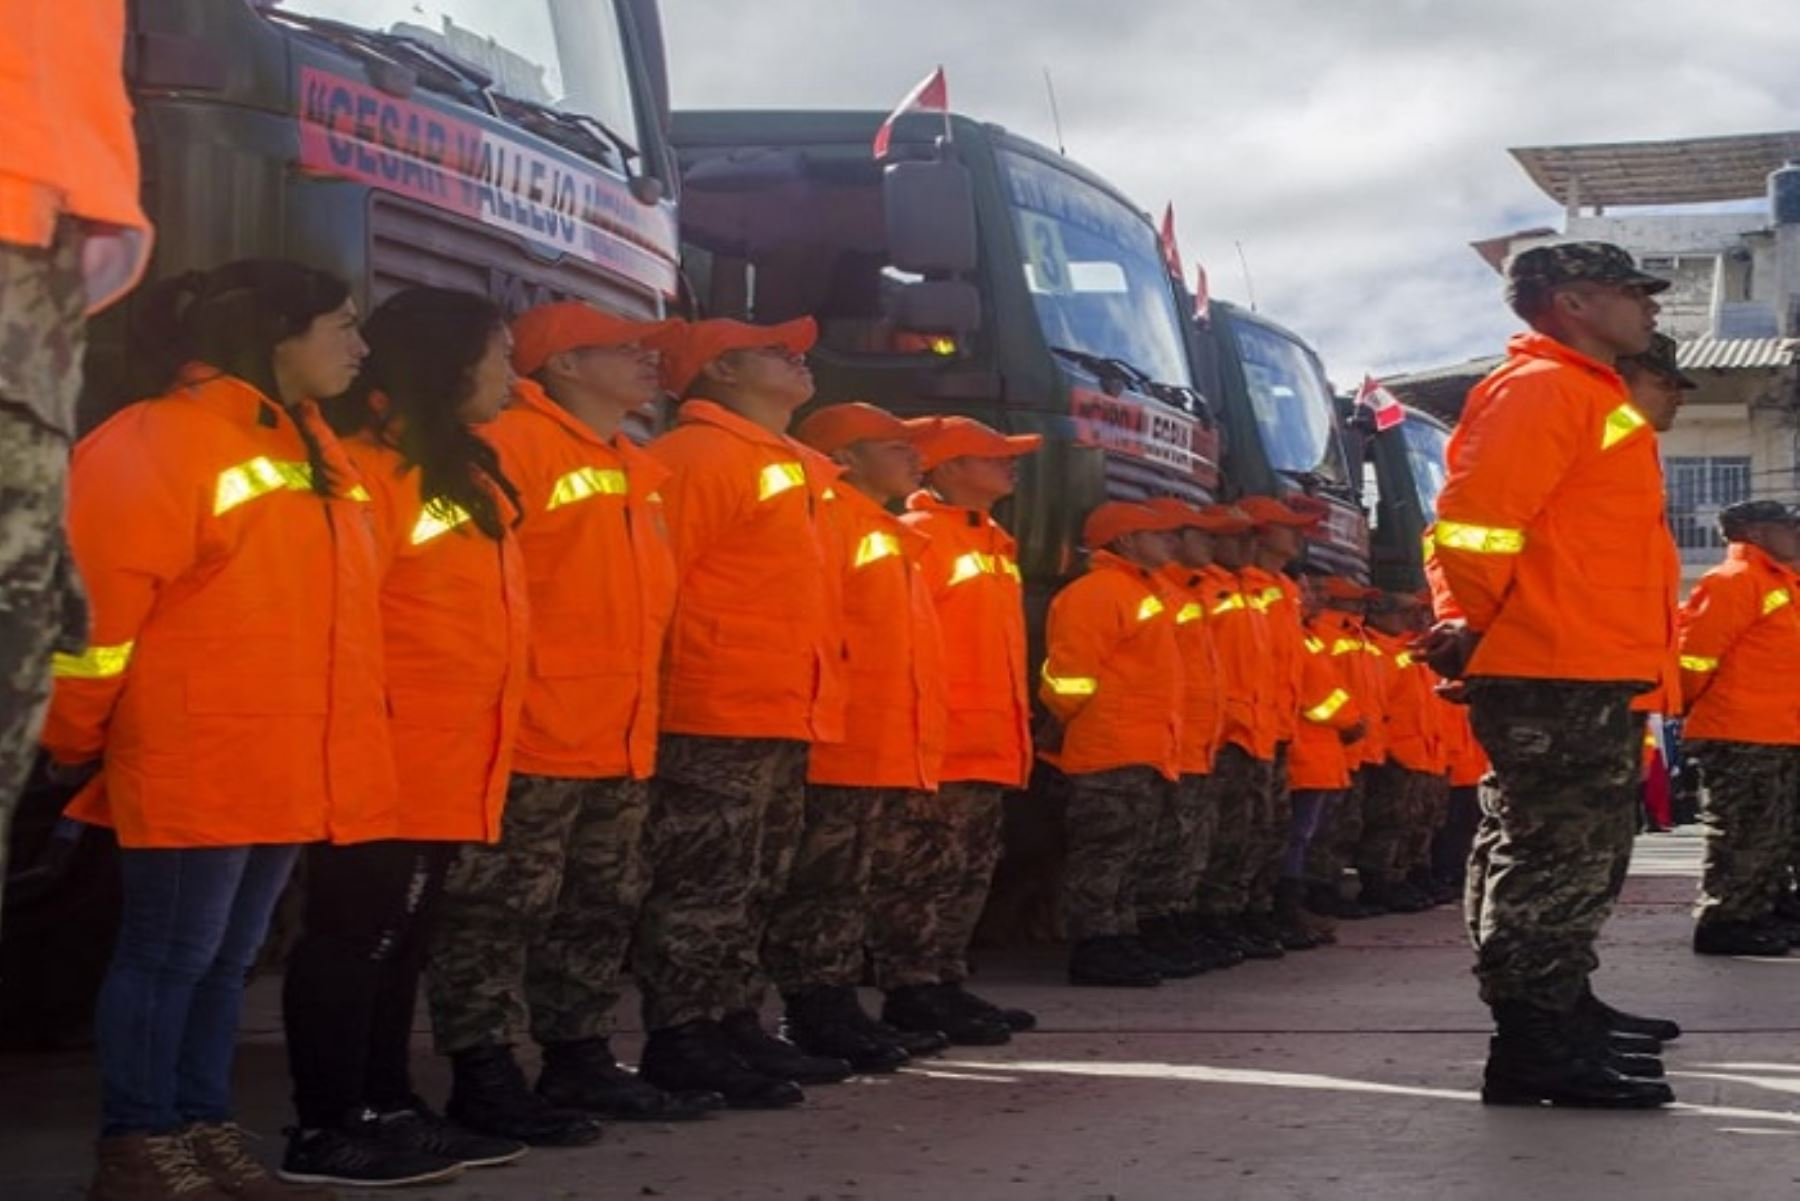 Acompañado por el comandante general del Ejército, general del Ejército Jorge Céliz Kuong; el ministro Martos supervisará la partida del Covac hacia Morropón, donde brindará atención a las poblaciones más necesitadas.